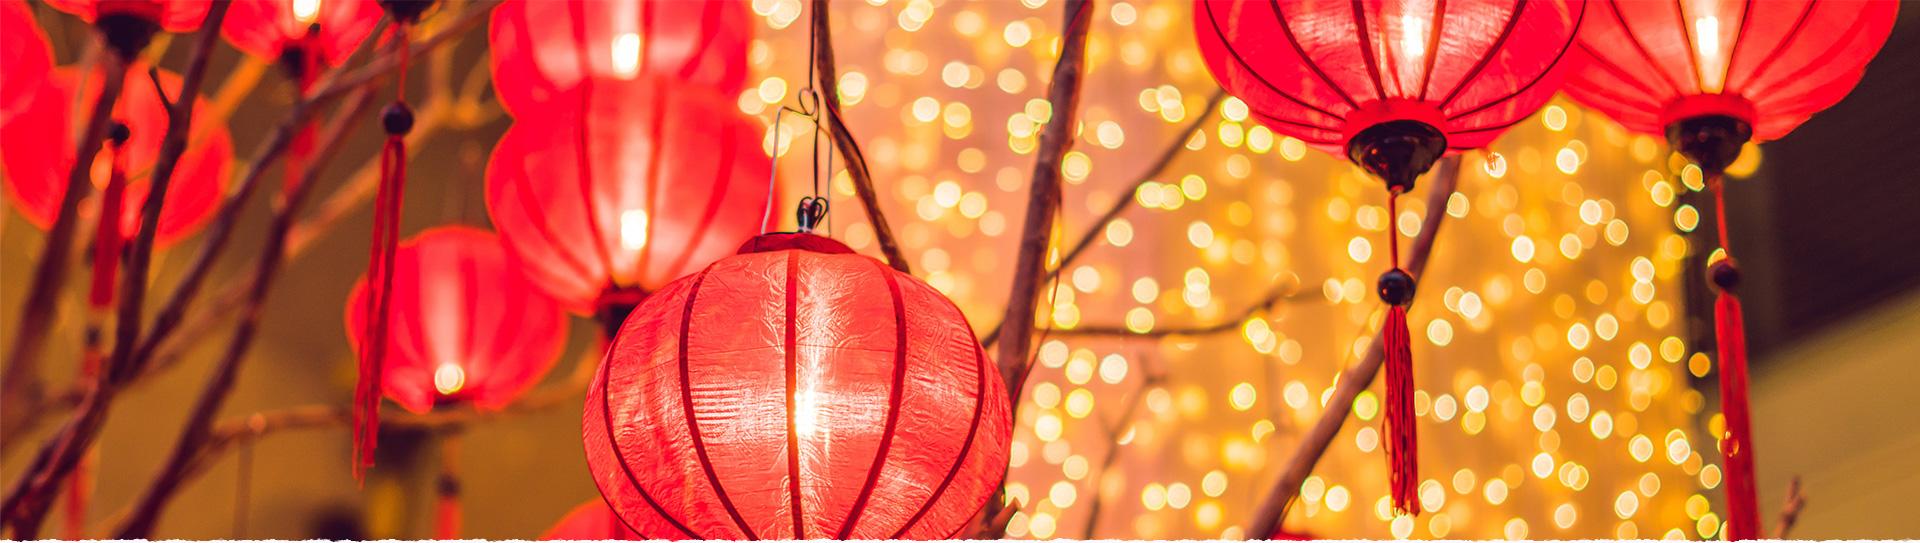 Traditions d'Asie célèbre la cuisine et la culture asiatique